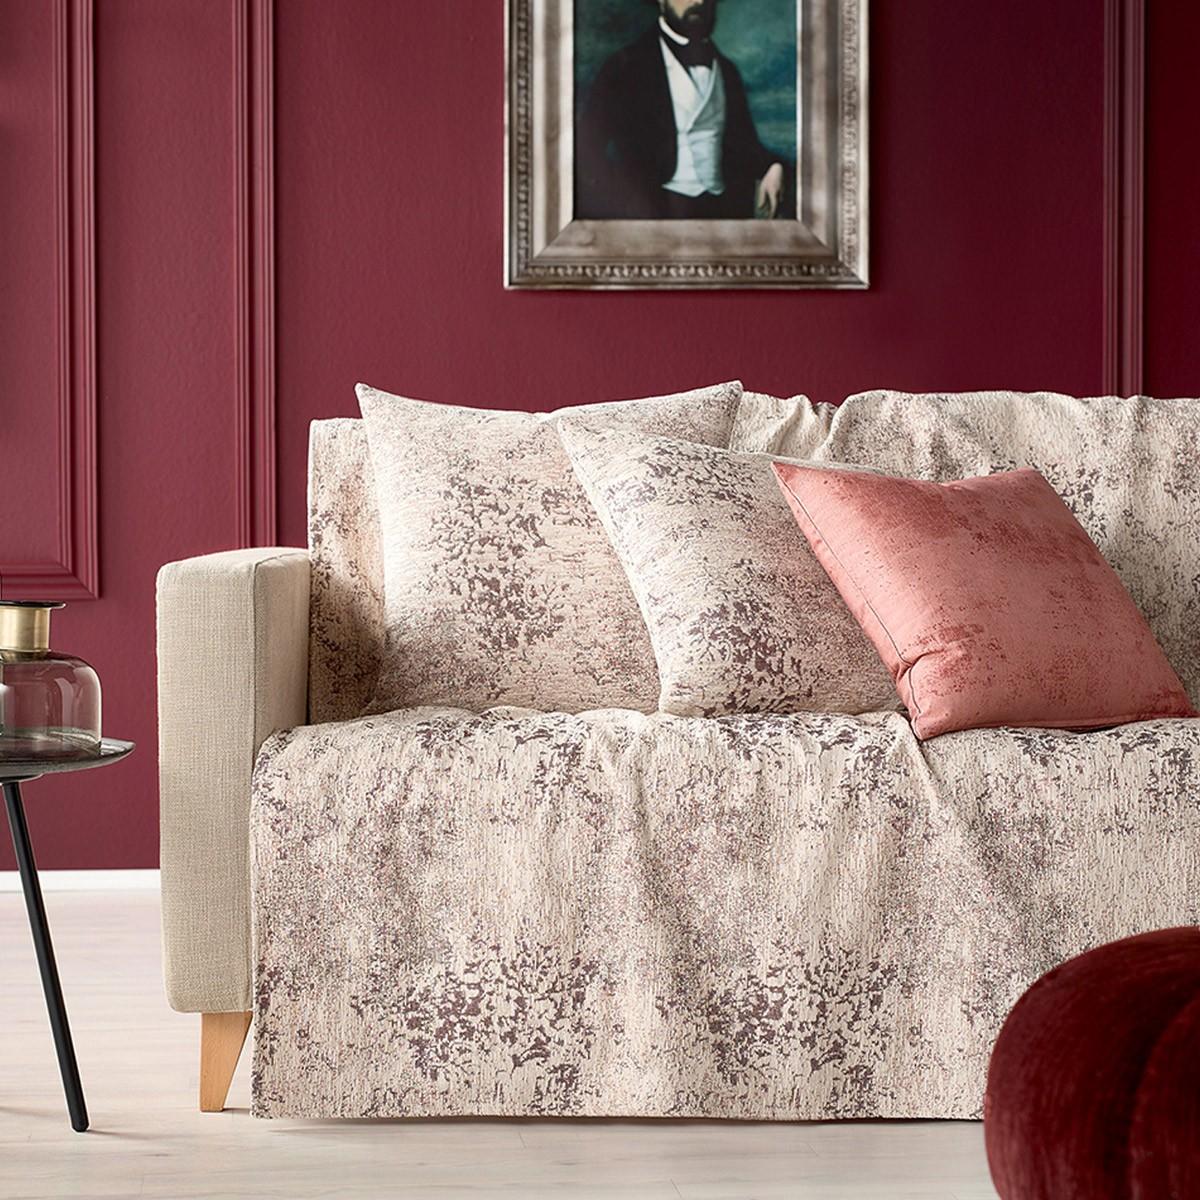 Ριχτάρι Πολυθρόνας (180x180) Gofis Home Montage Pink 730/17